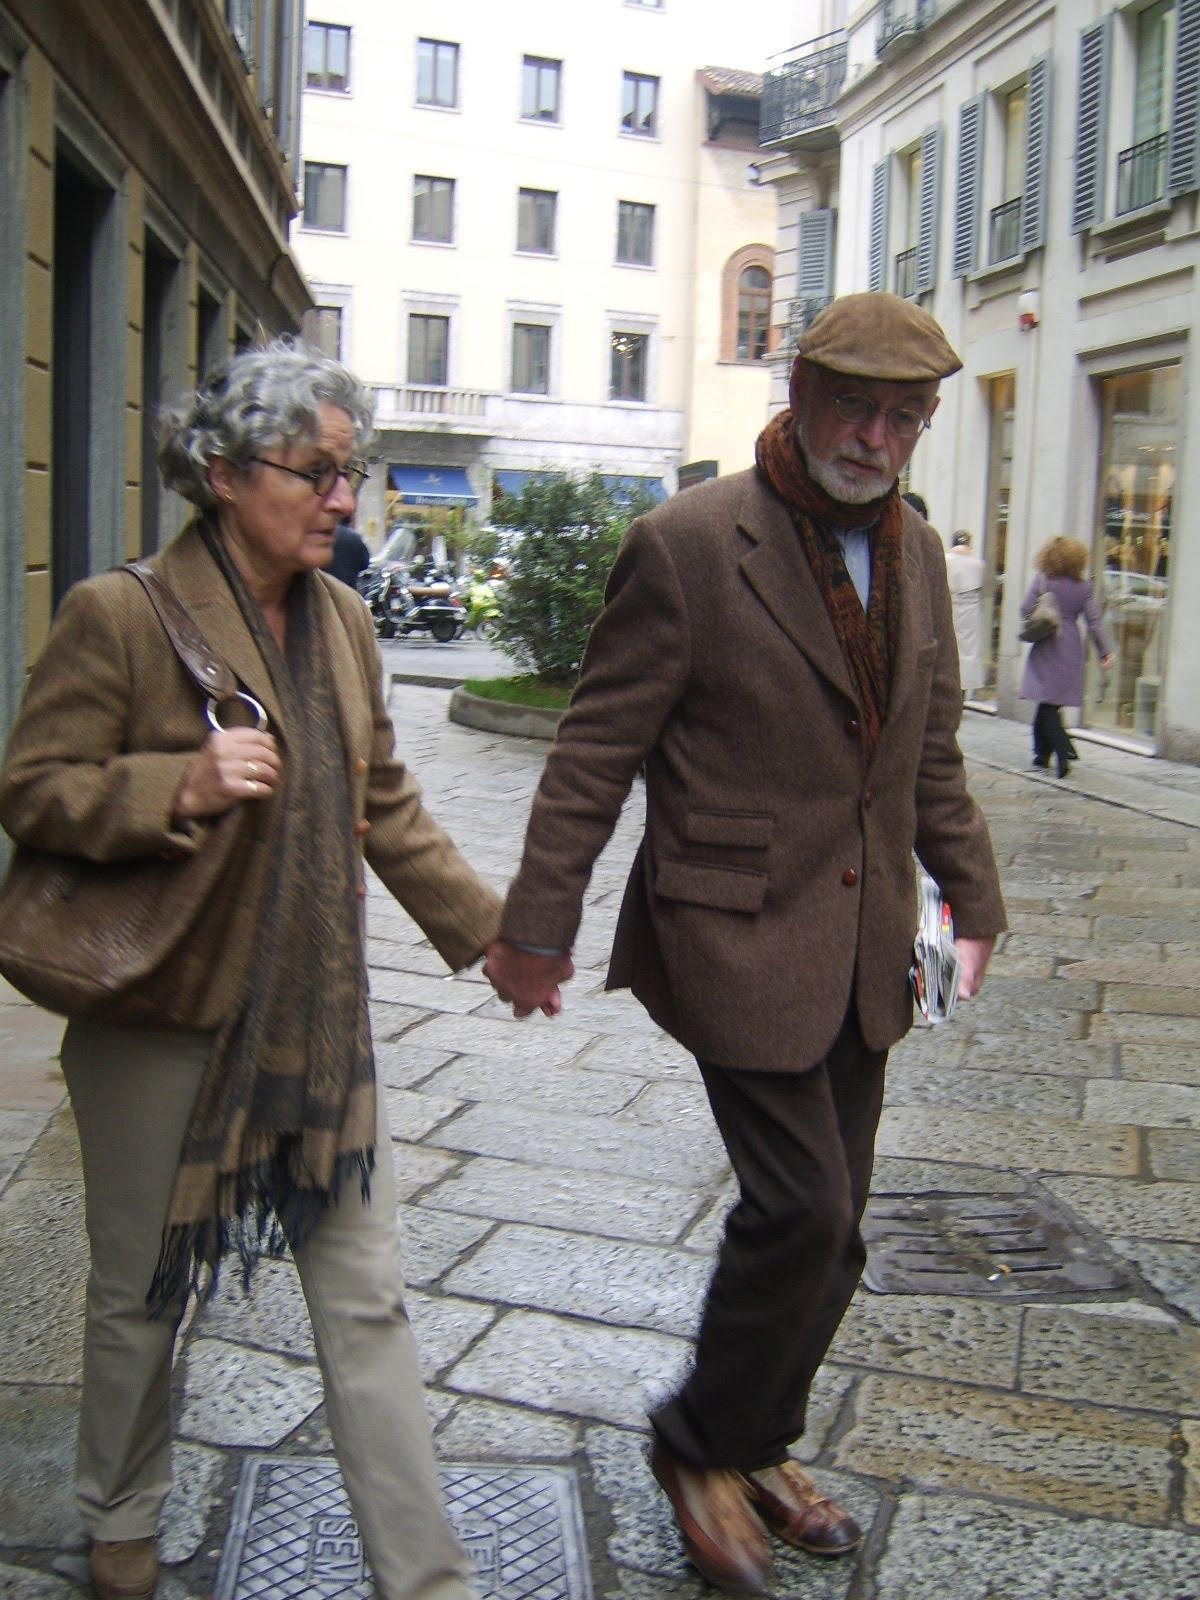 STILISSIMO: Milan Street Style